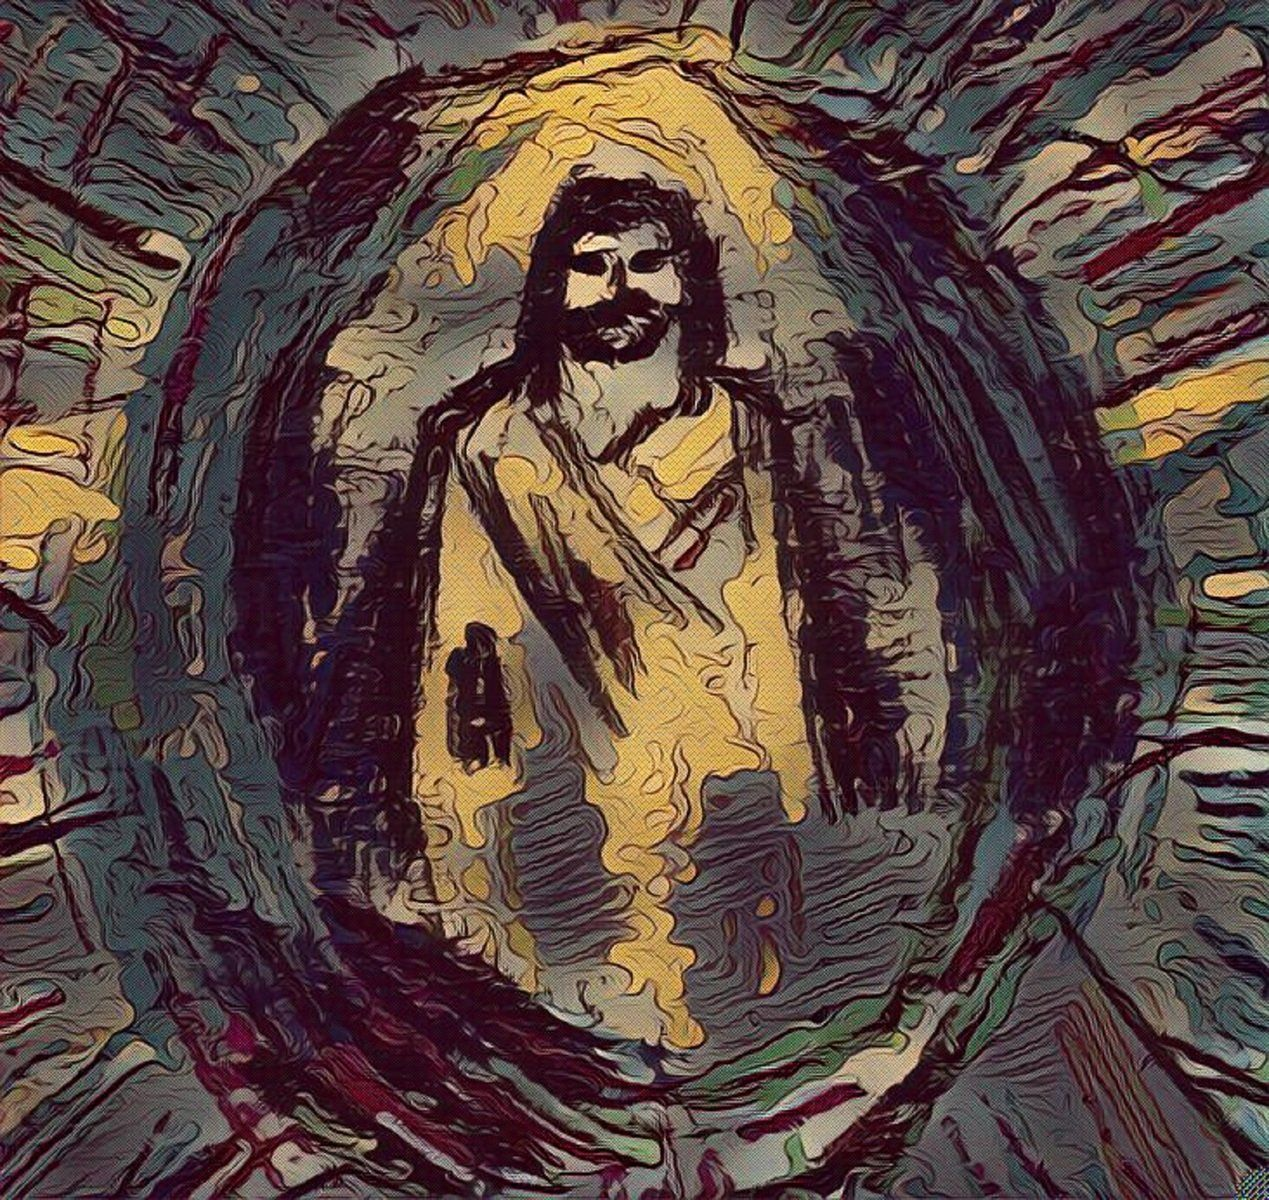 lord-jesus-christ-1635487.jpg